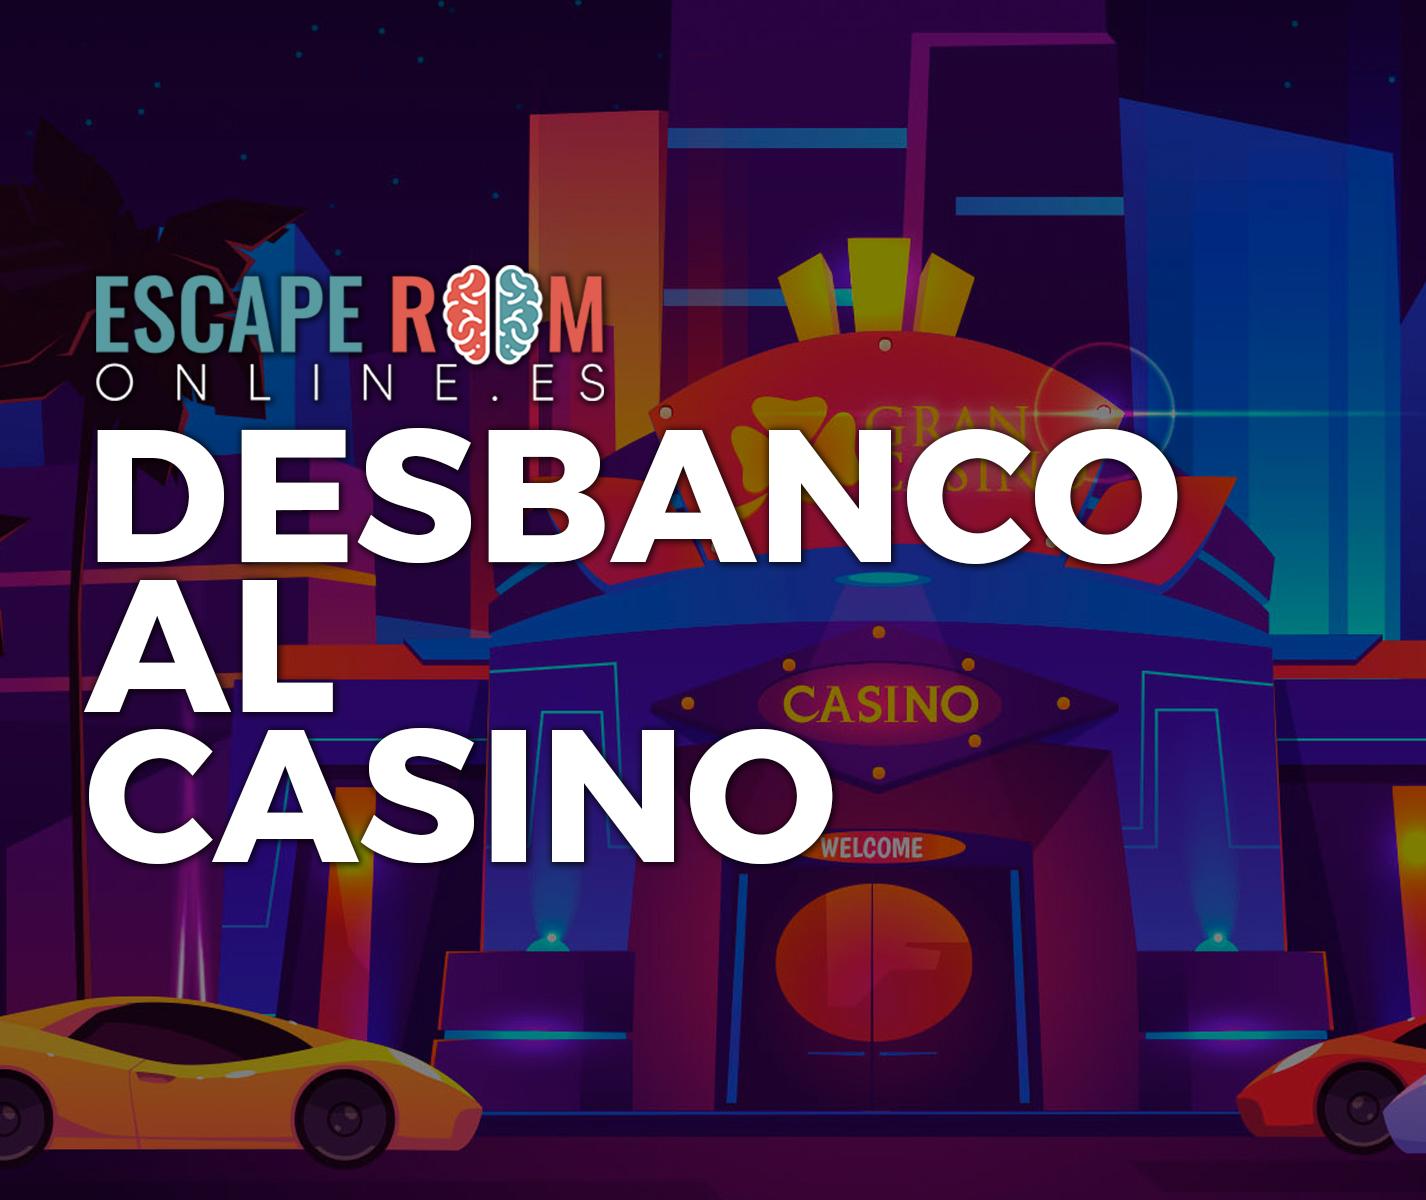 escape room Desbanco al Casino